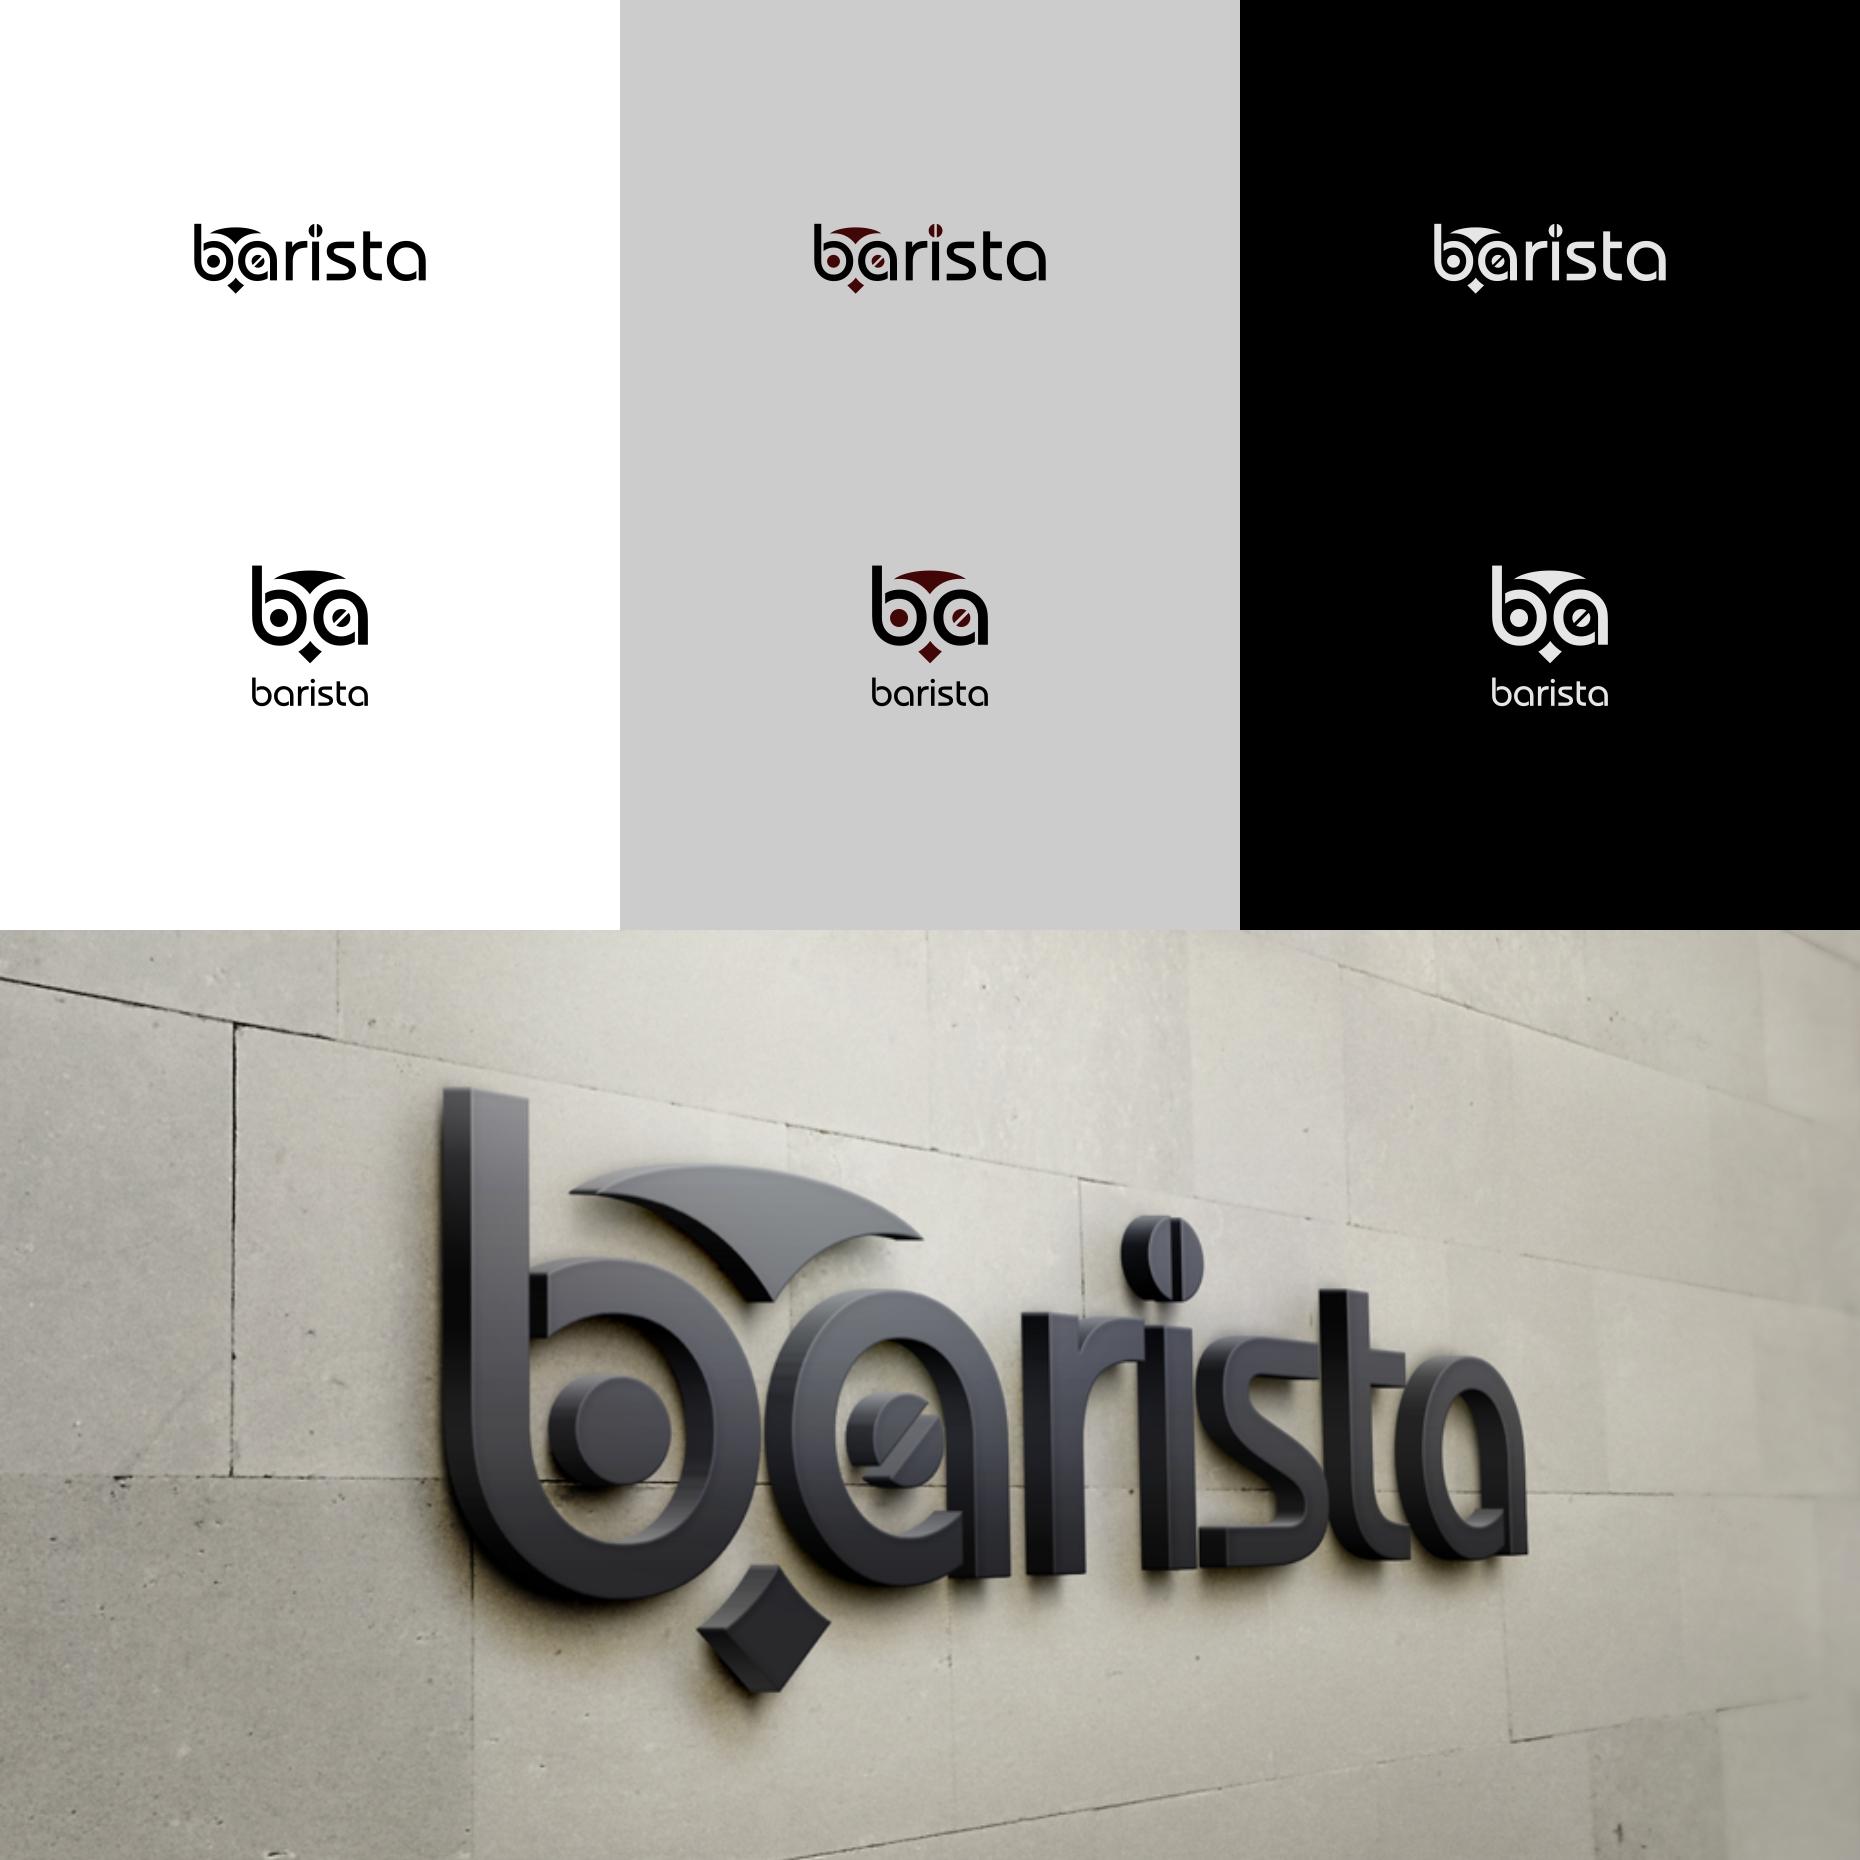 Ребрендинг логотипа сети кофеен фото f_5115e7bc203ad47e.jpg